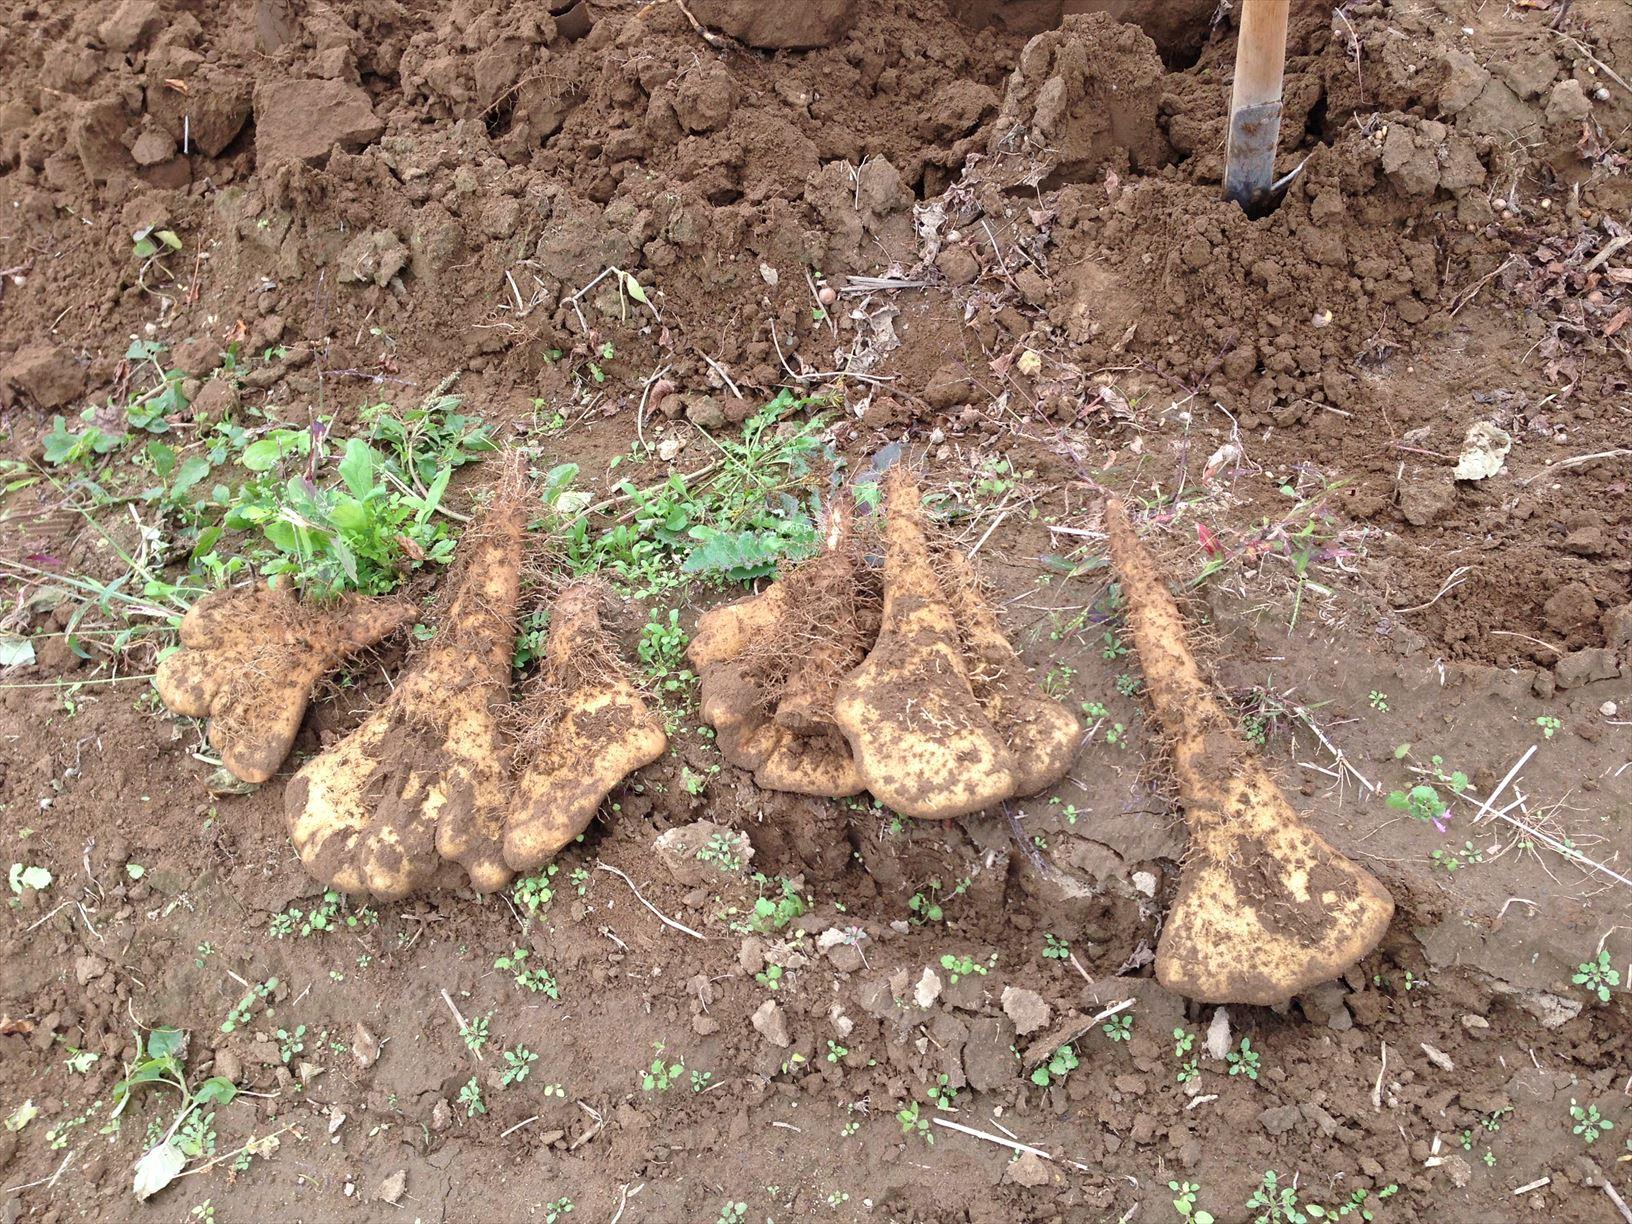 やまと芋の掘り起こし作業